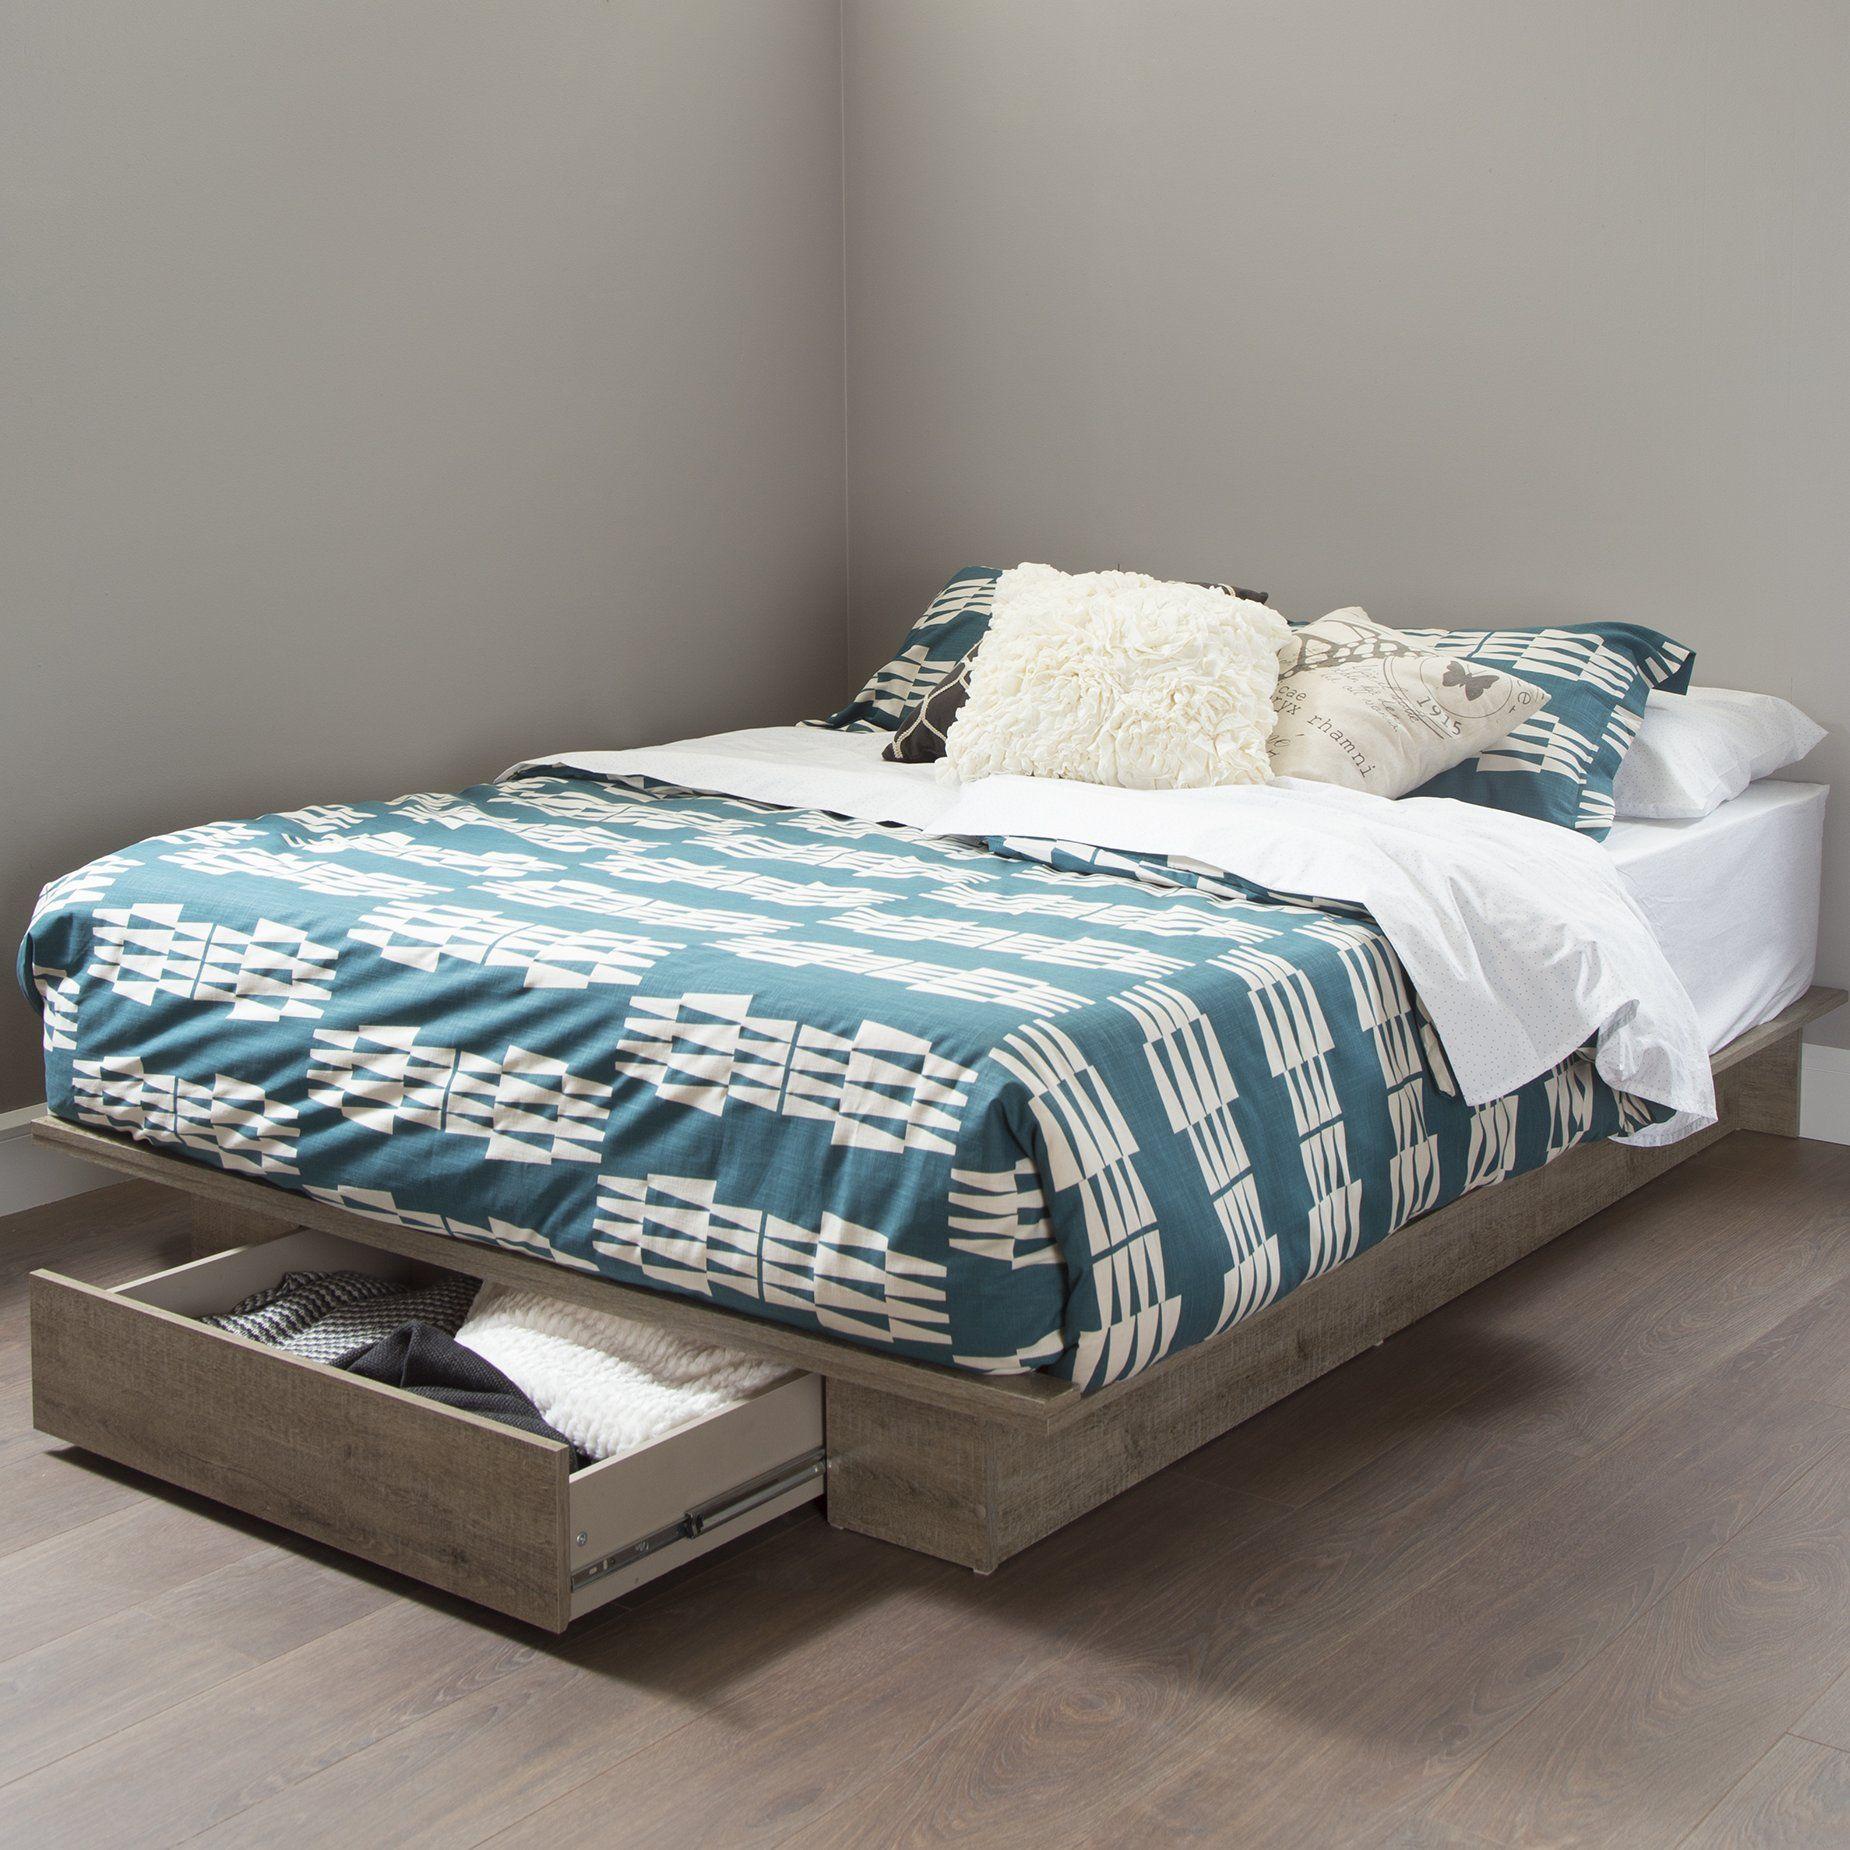 Gloucester Upholstered Standard Bed Platform bed with